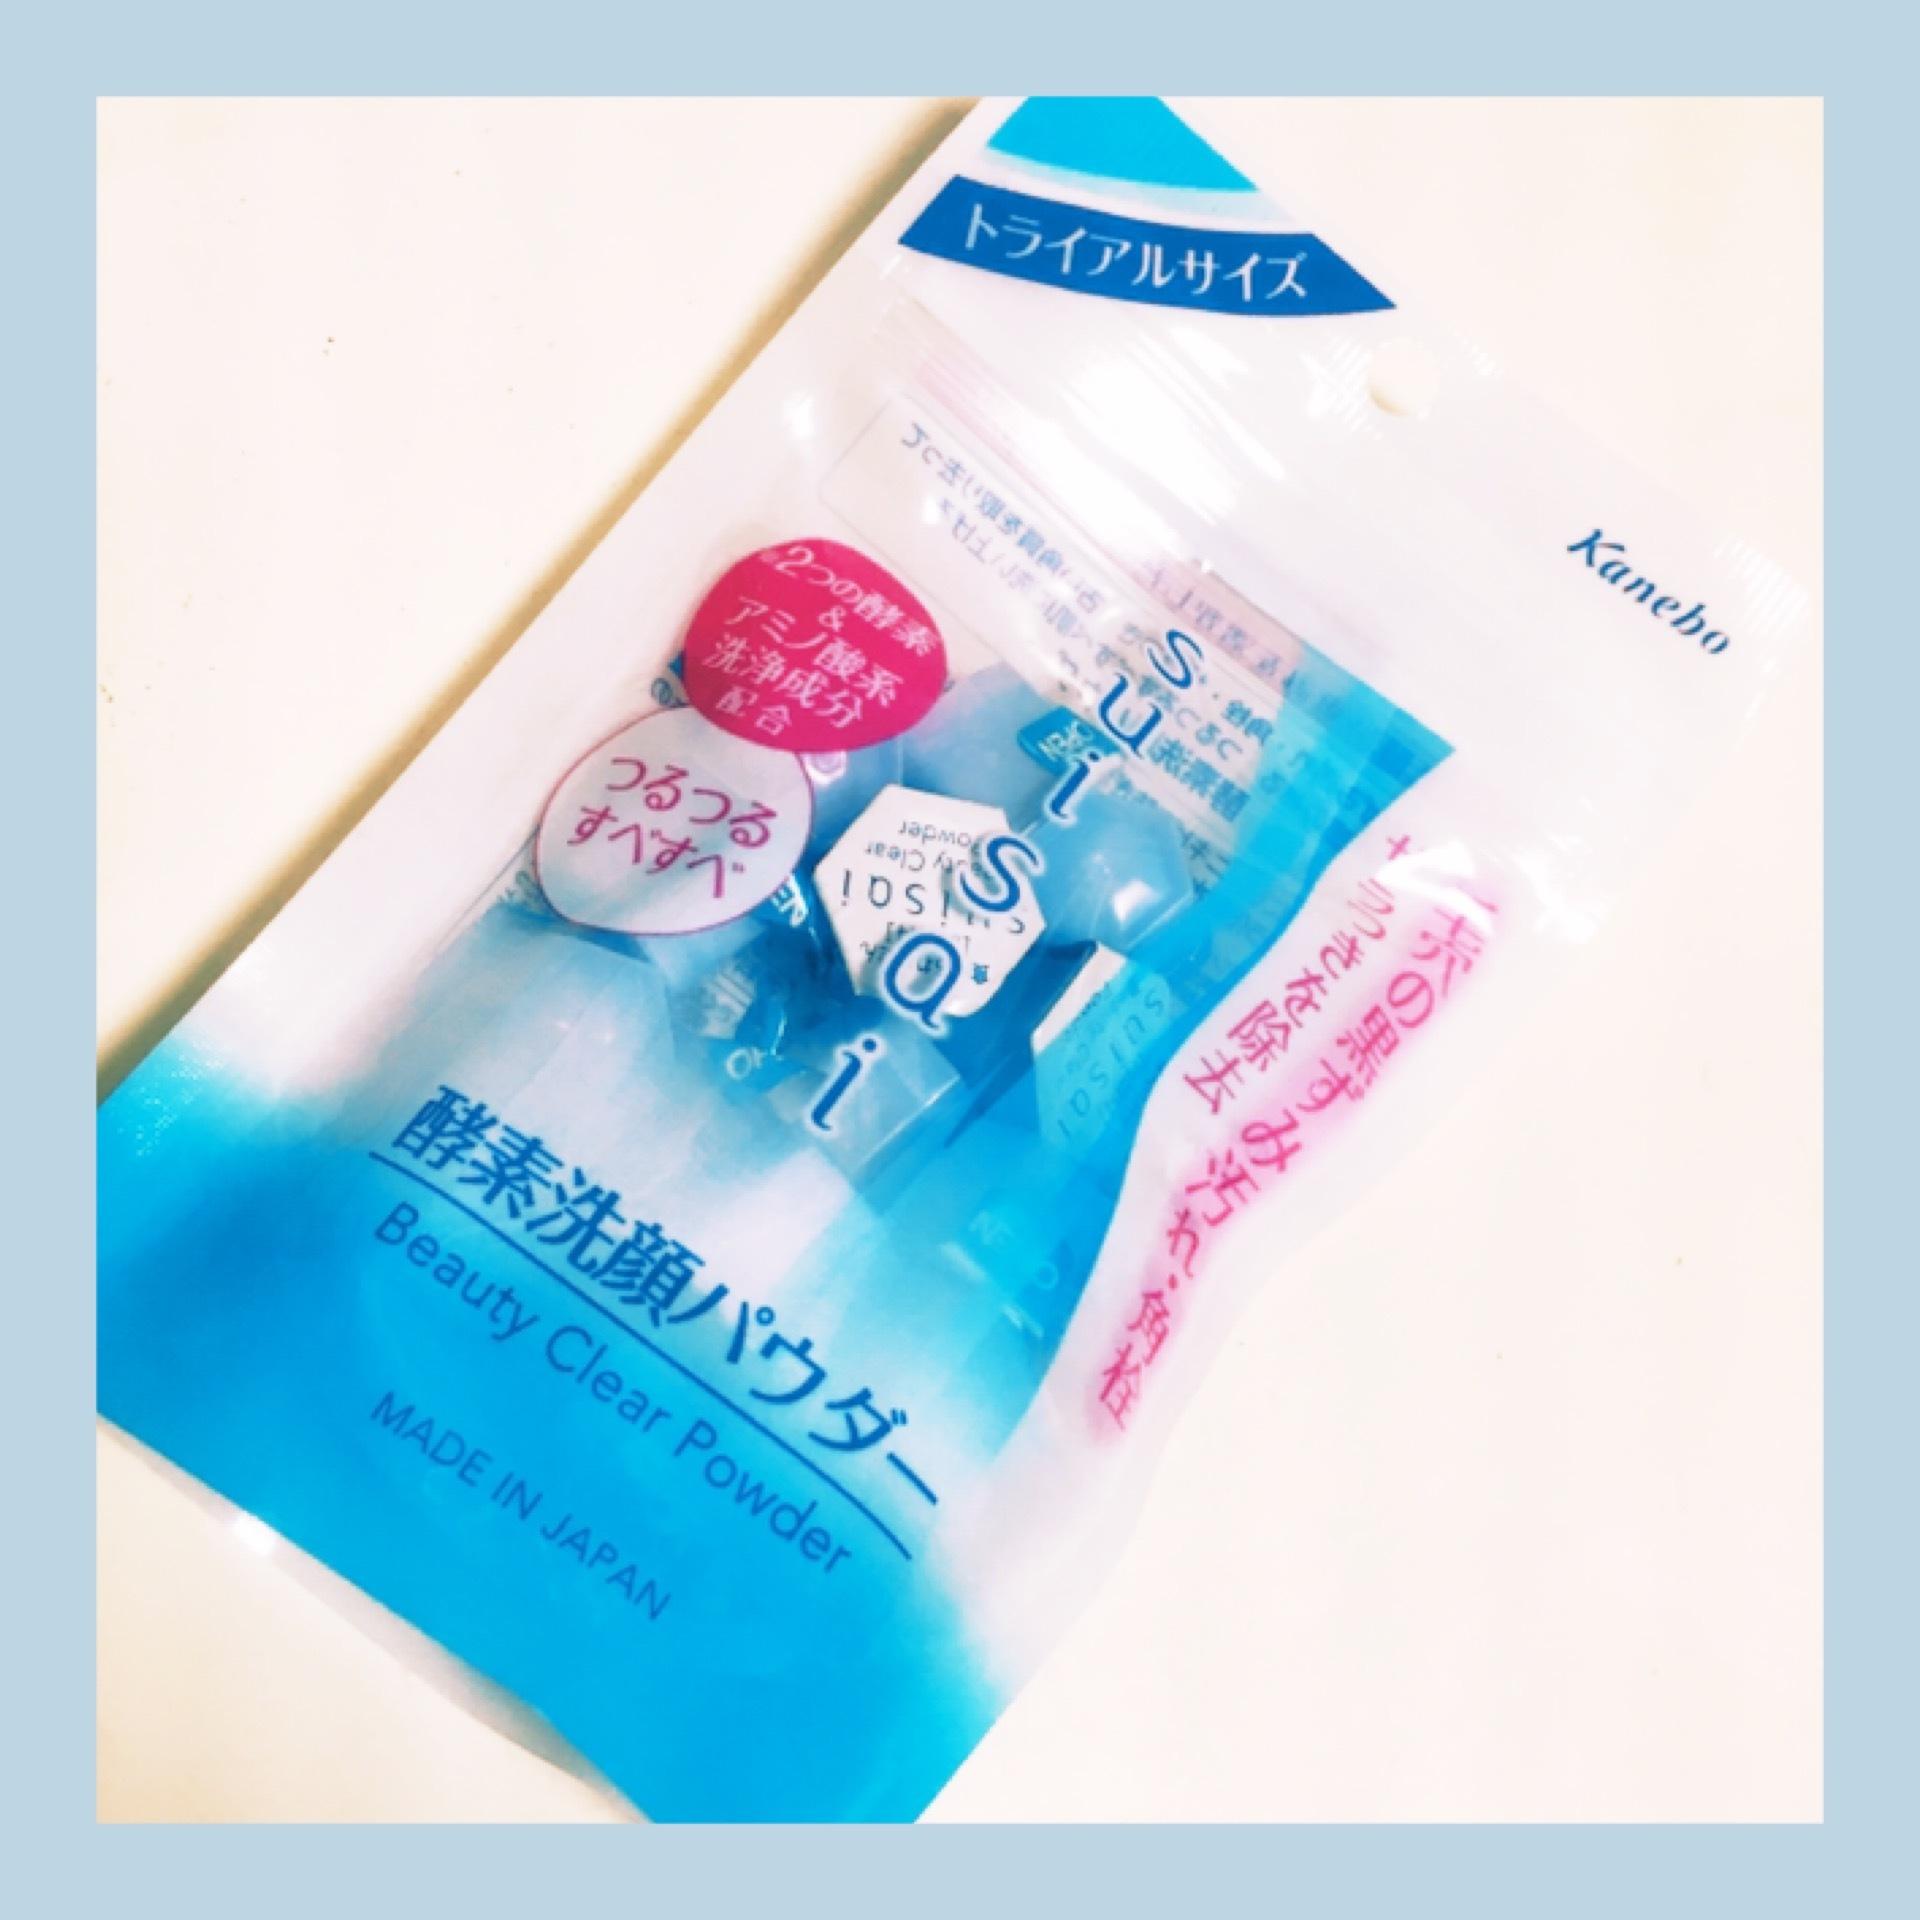 『 カネボウ suisai ローション&酵素洗顔パウダー 』1_1_2